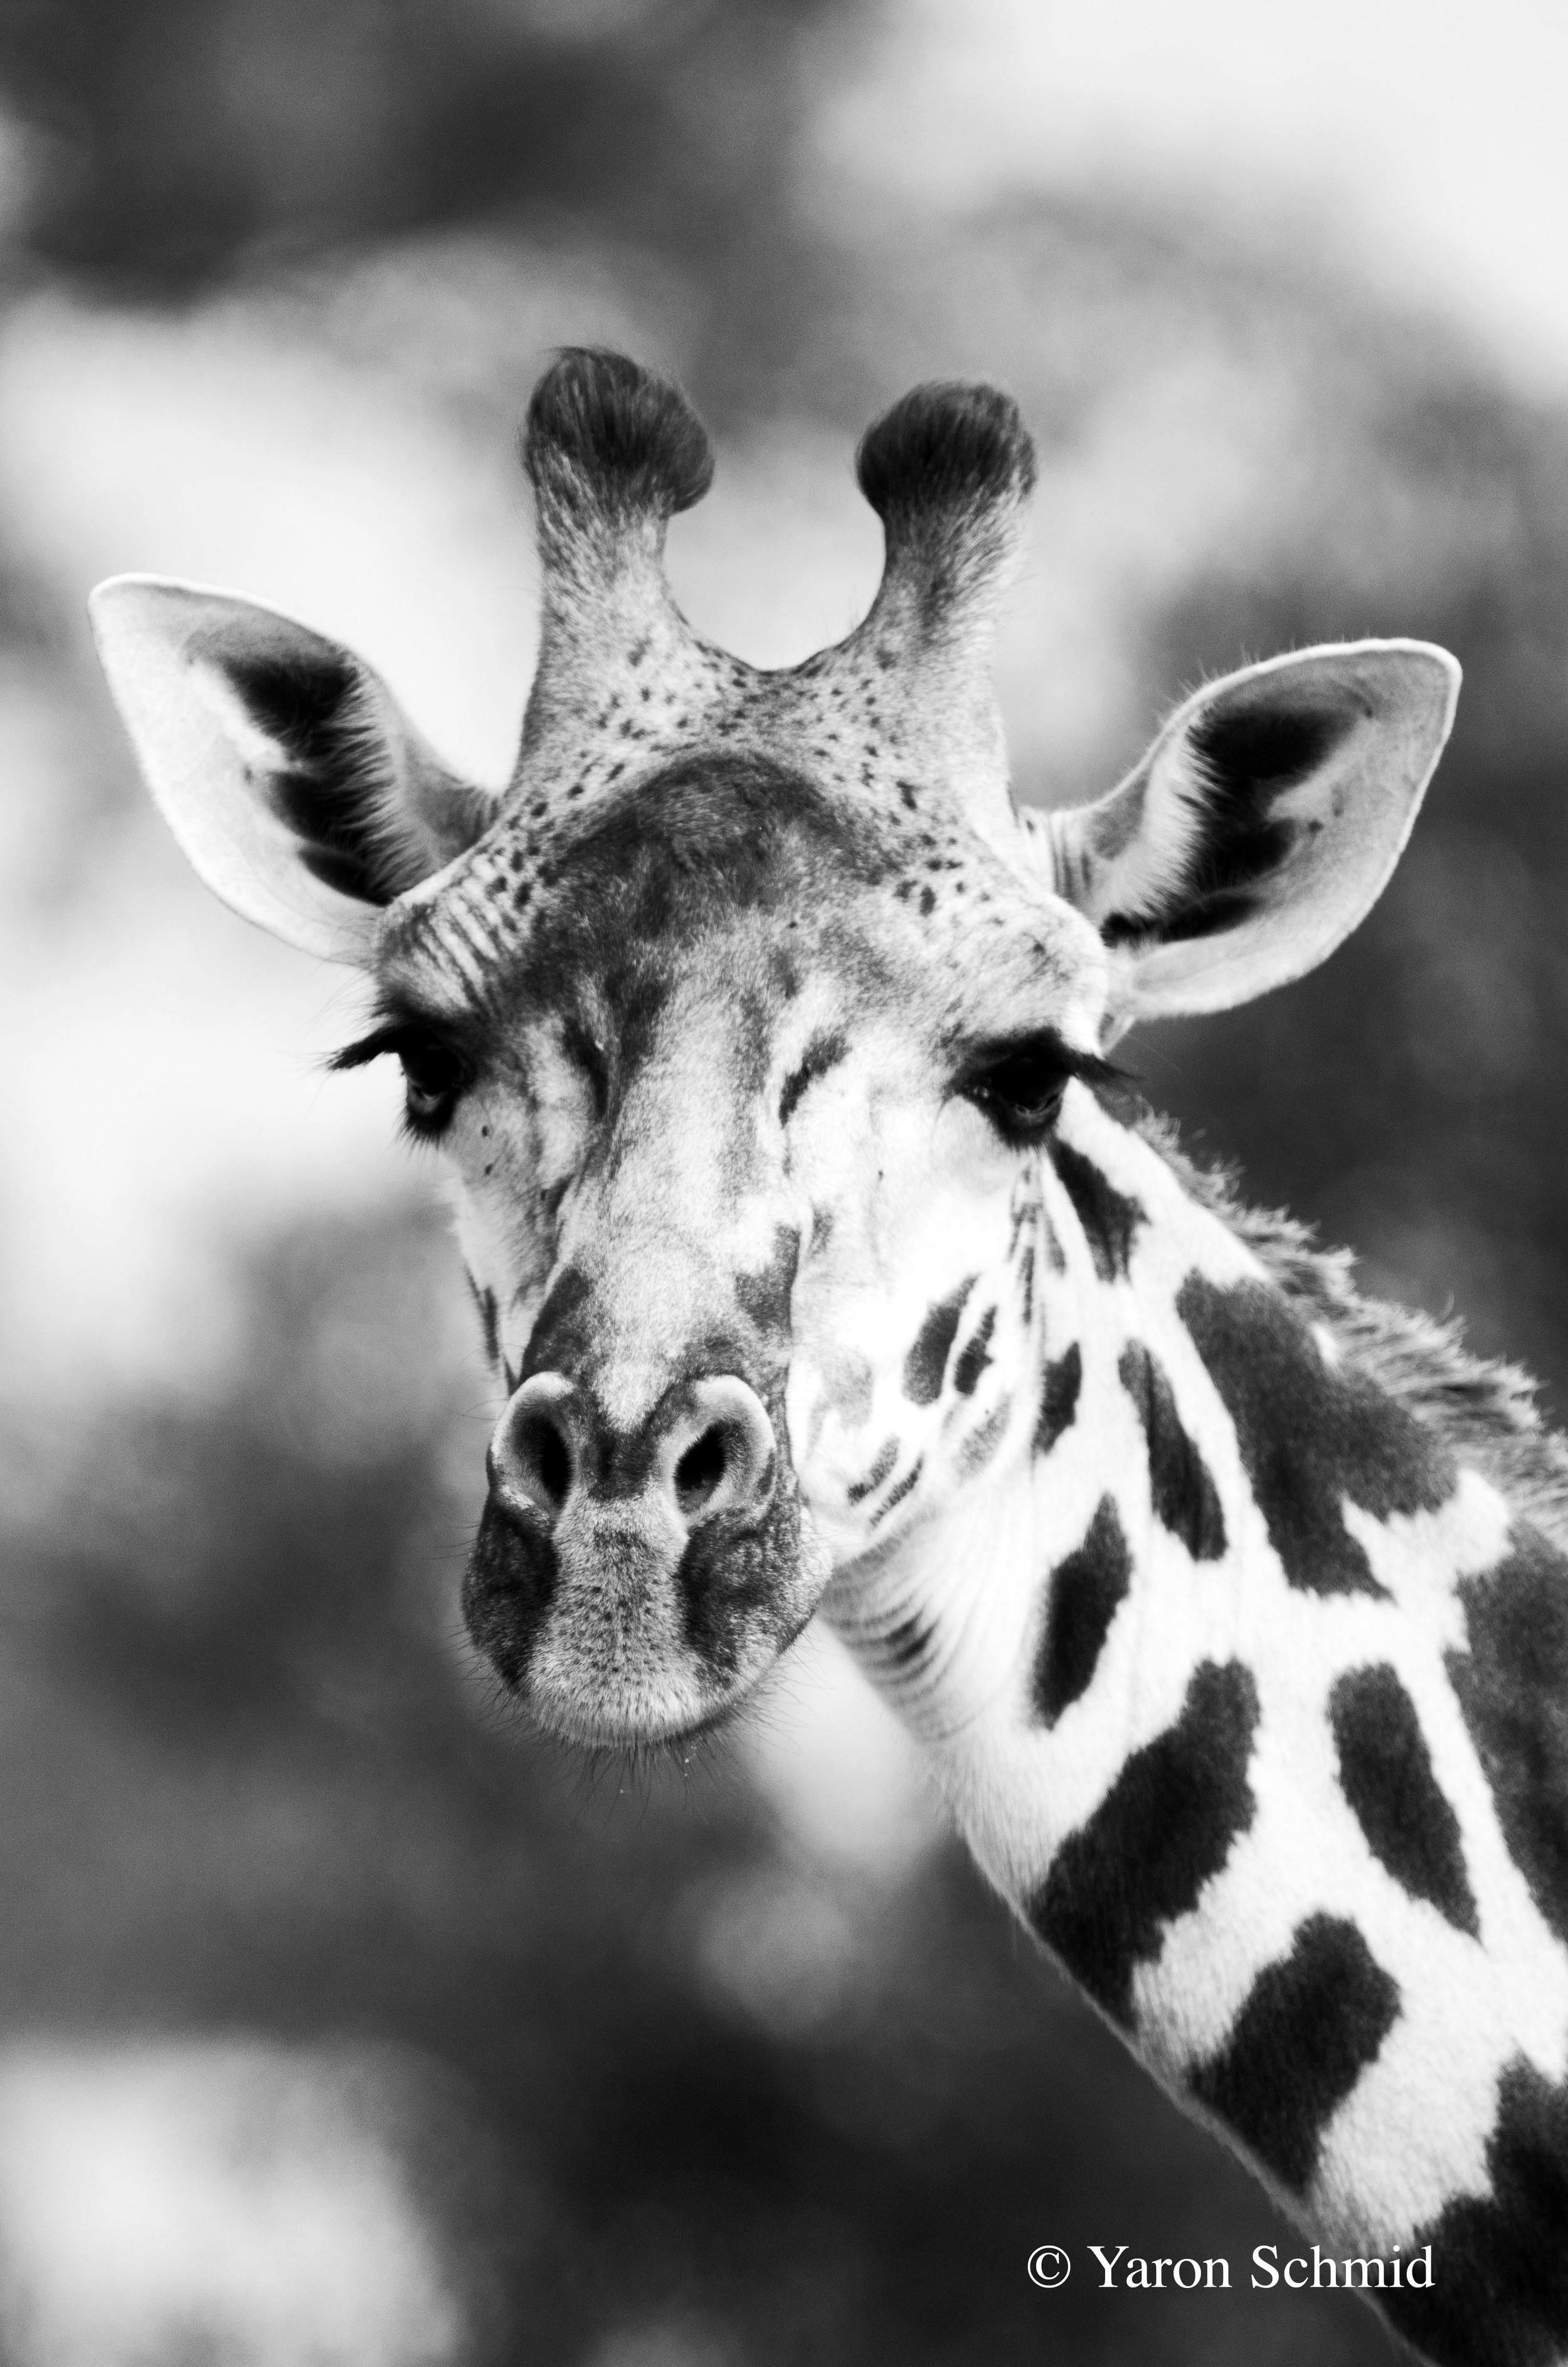 Giraffe Profile in Black and White